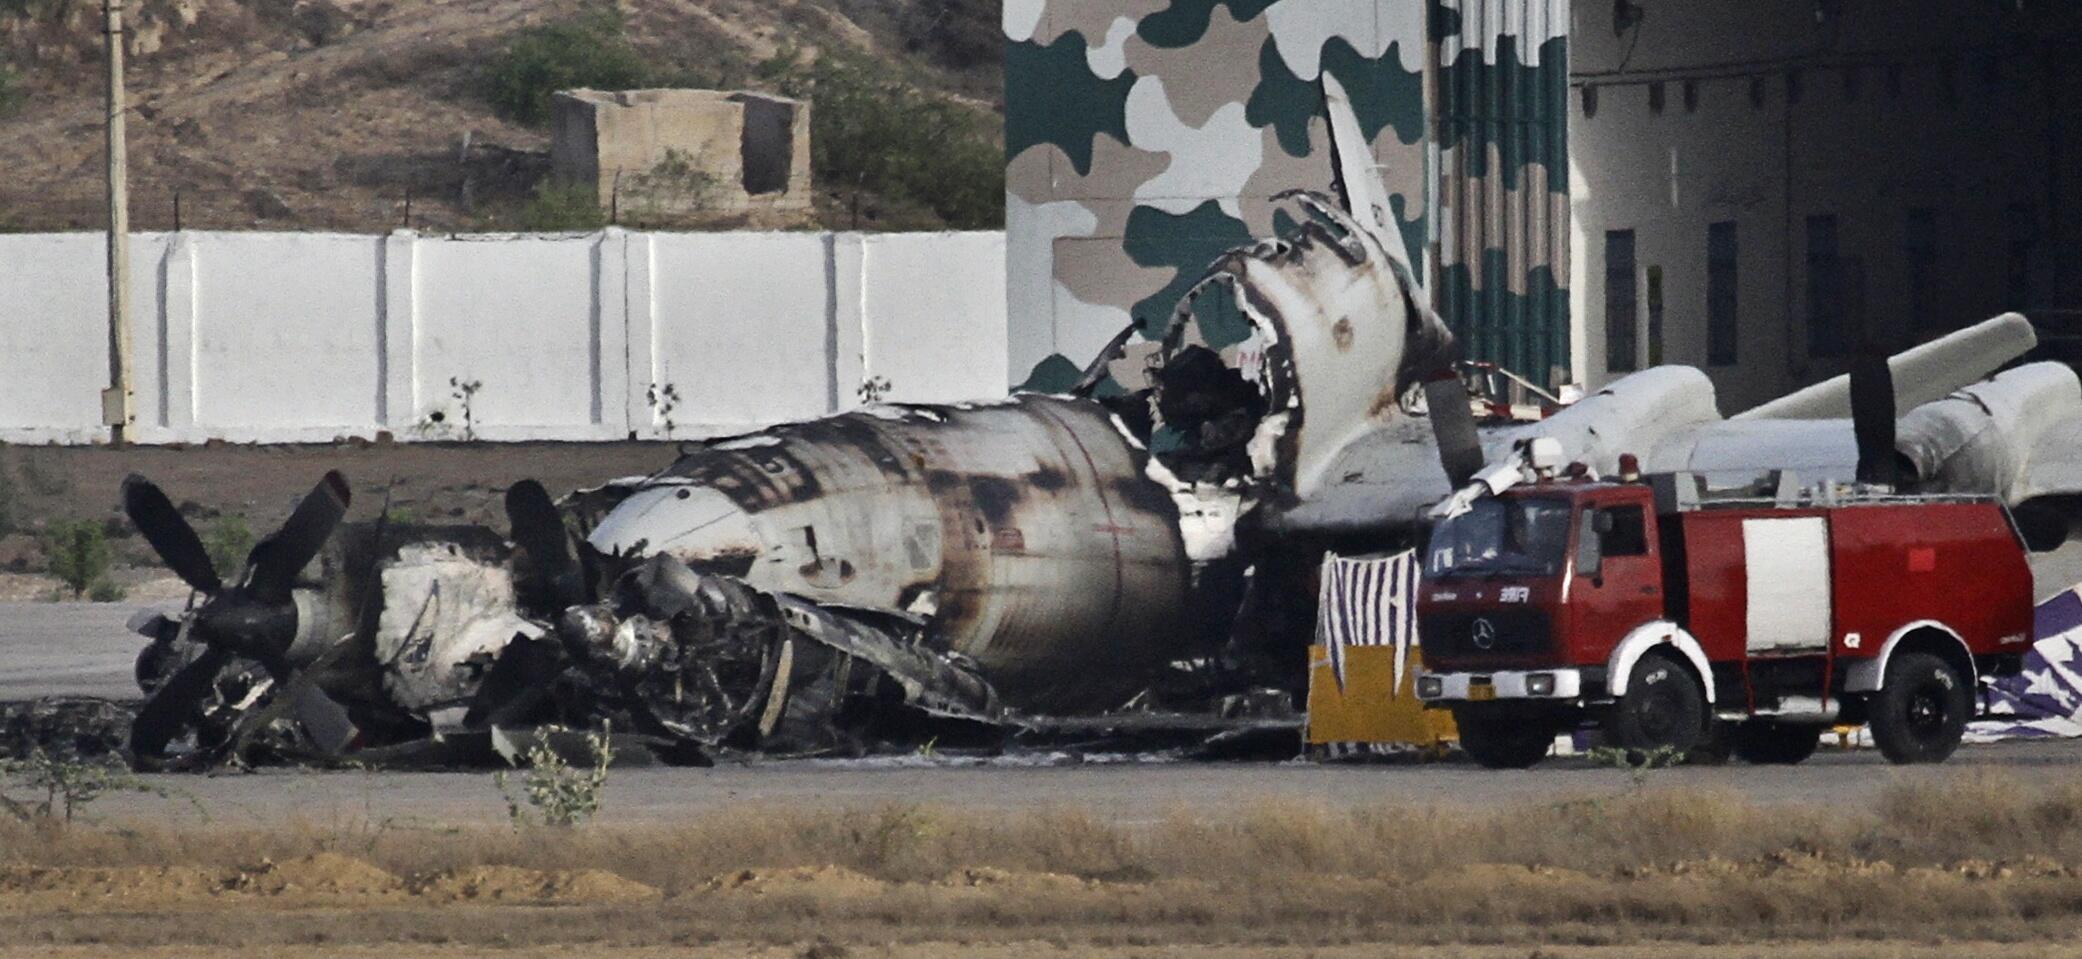 Ataque talibã deixou pelo menos 10 mortos no Paquistão.